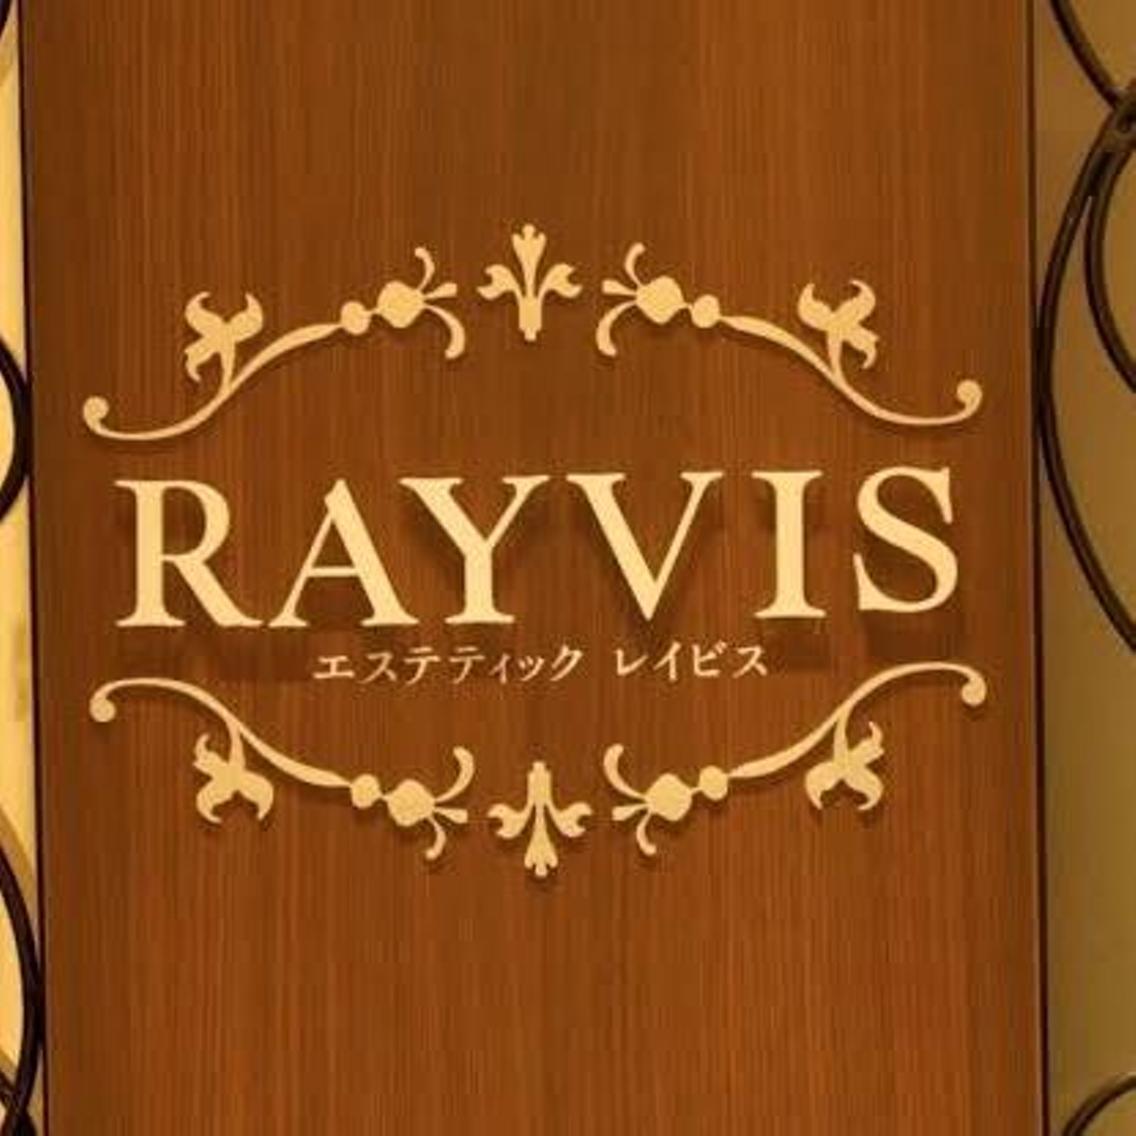 エステティック RAYVIS 心斎橋店所属・RAYVIS心斎橋店☆脱毛2☆の掲載